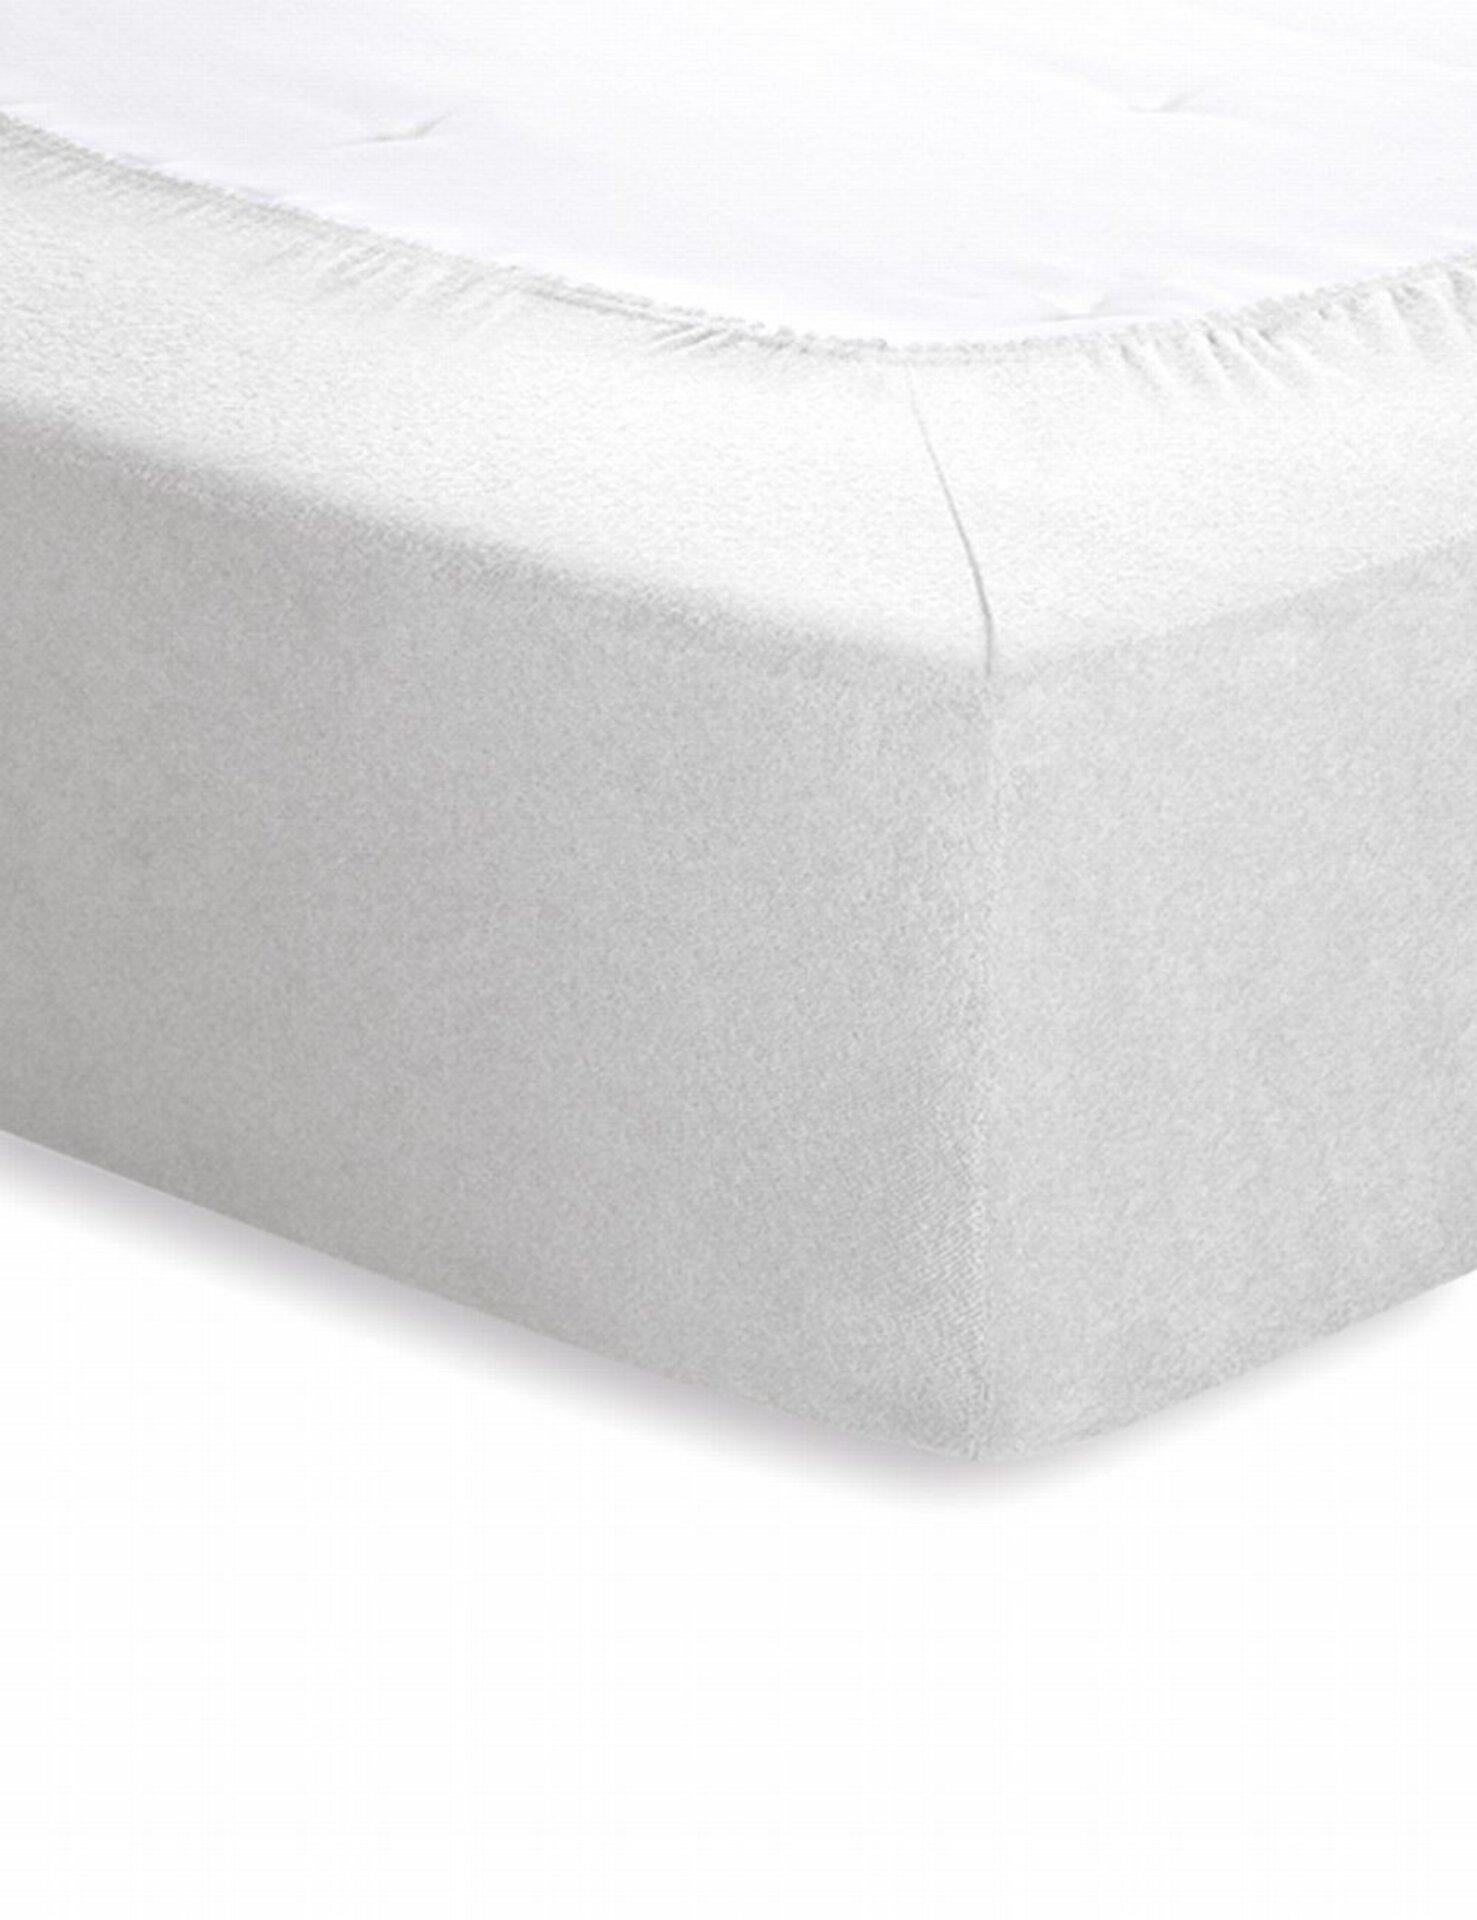 Frotte-Spannbetttuch Schlafgut Textil weiß 100 x 200 cm